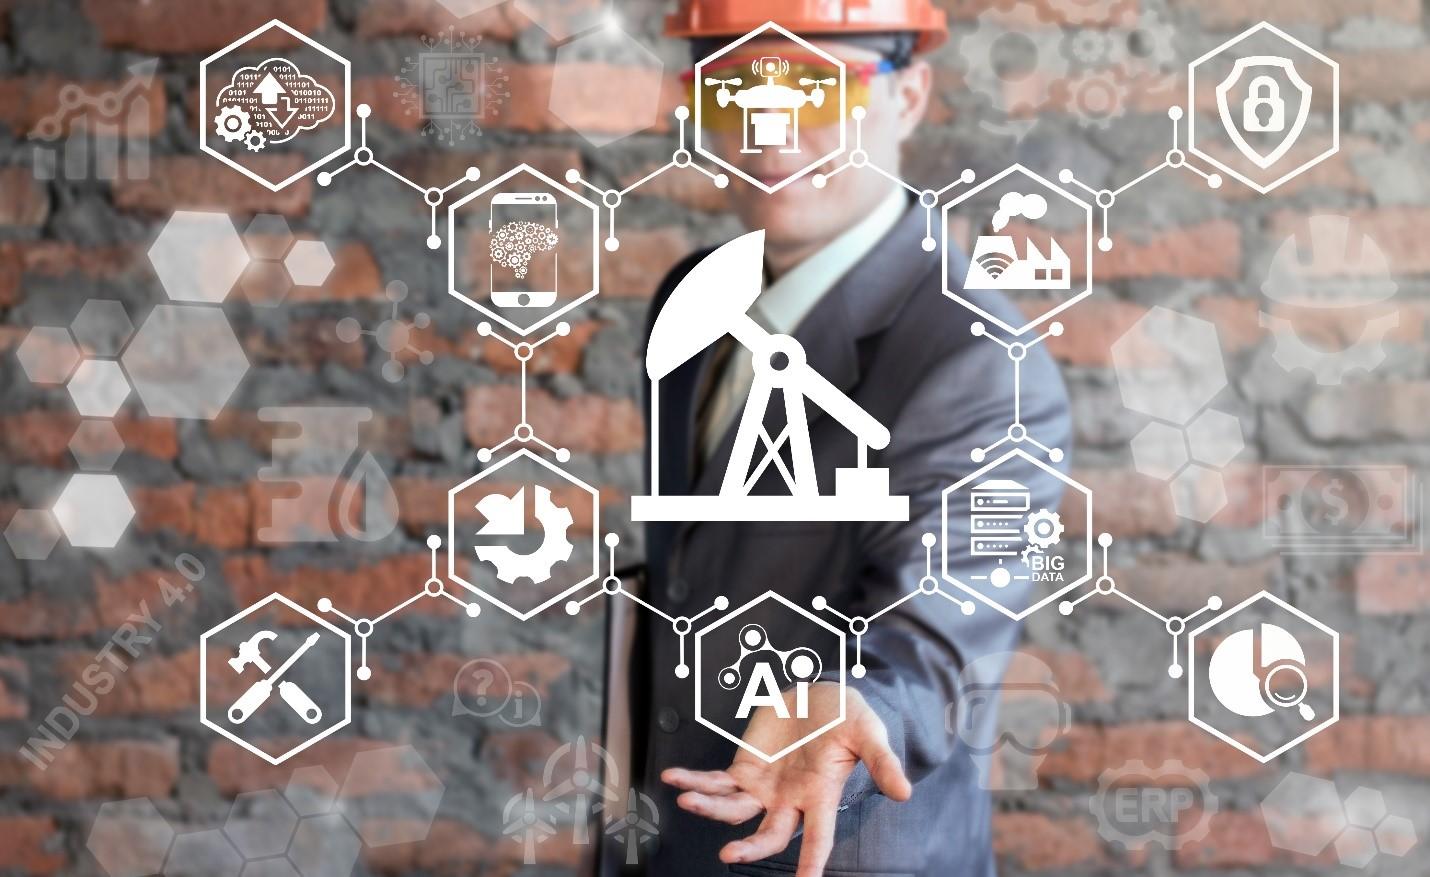 טכנולוגיות לתעשיות כבדות בברזיל